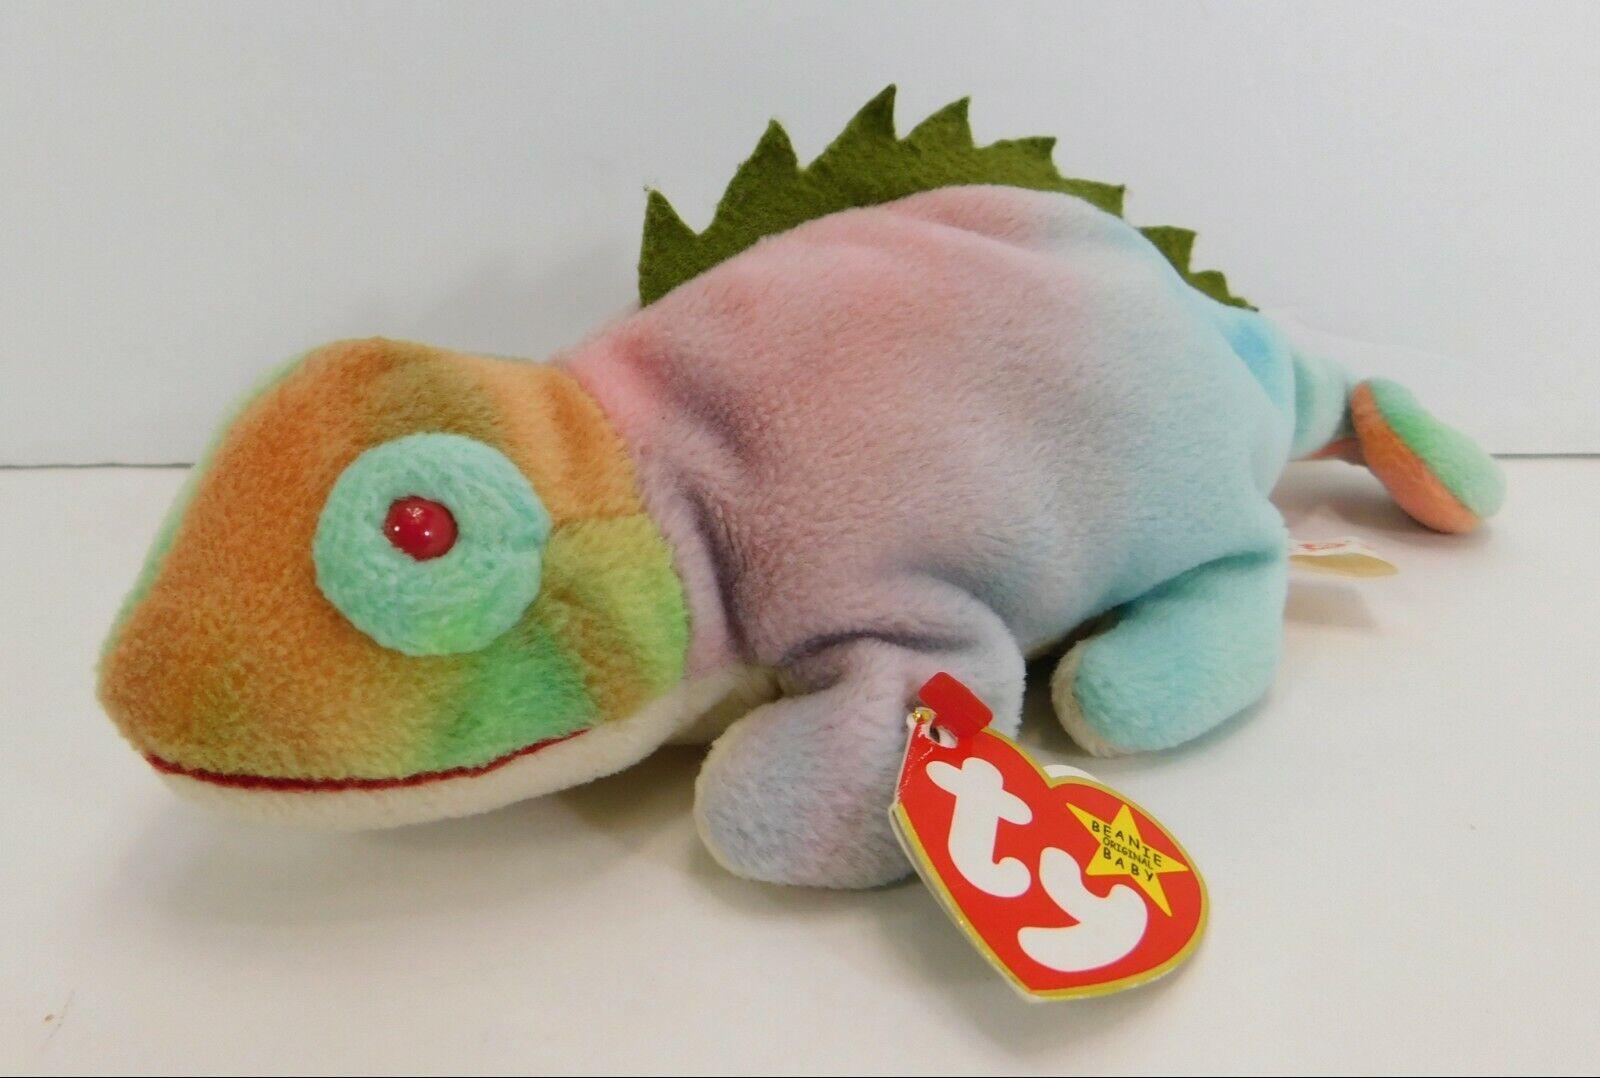 Bebé precioso de beenie, t.y. iguana Iggy Color equivocado Rainbow rojo Eyes, partículas de cloruro de polivinilo 1997